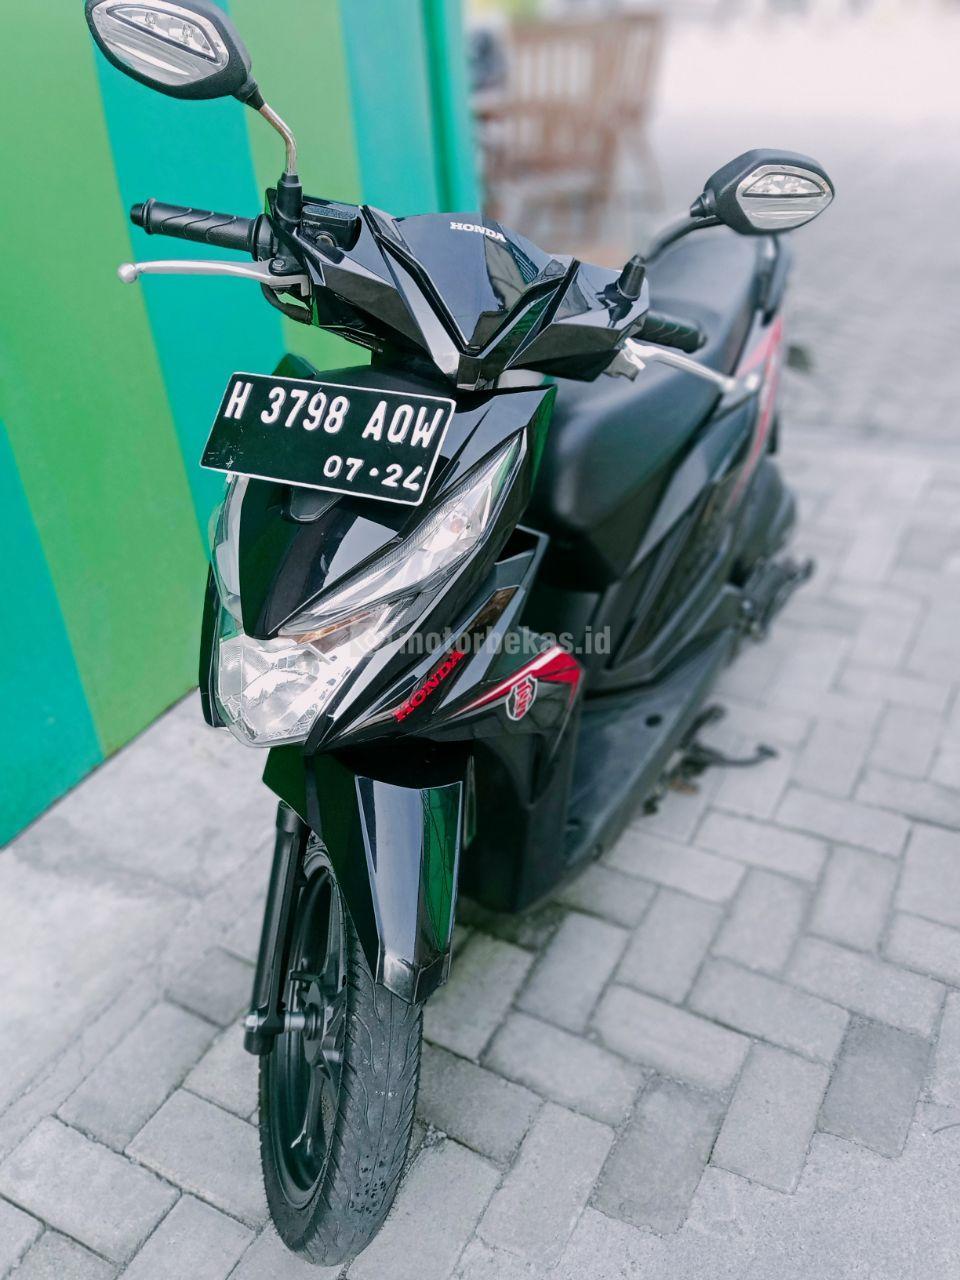 HONDA BEAT FI 2695 motorbekas.id